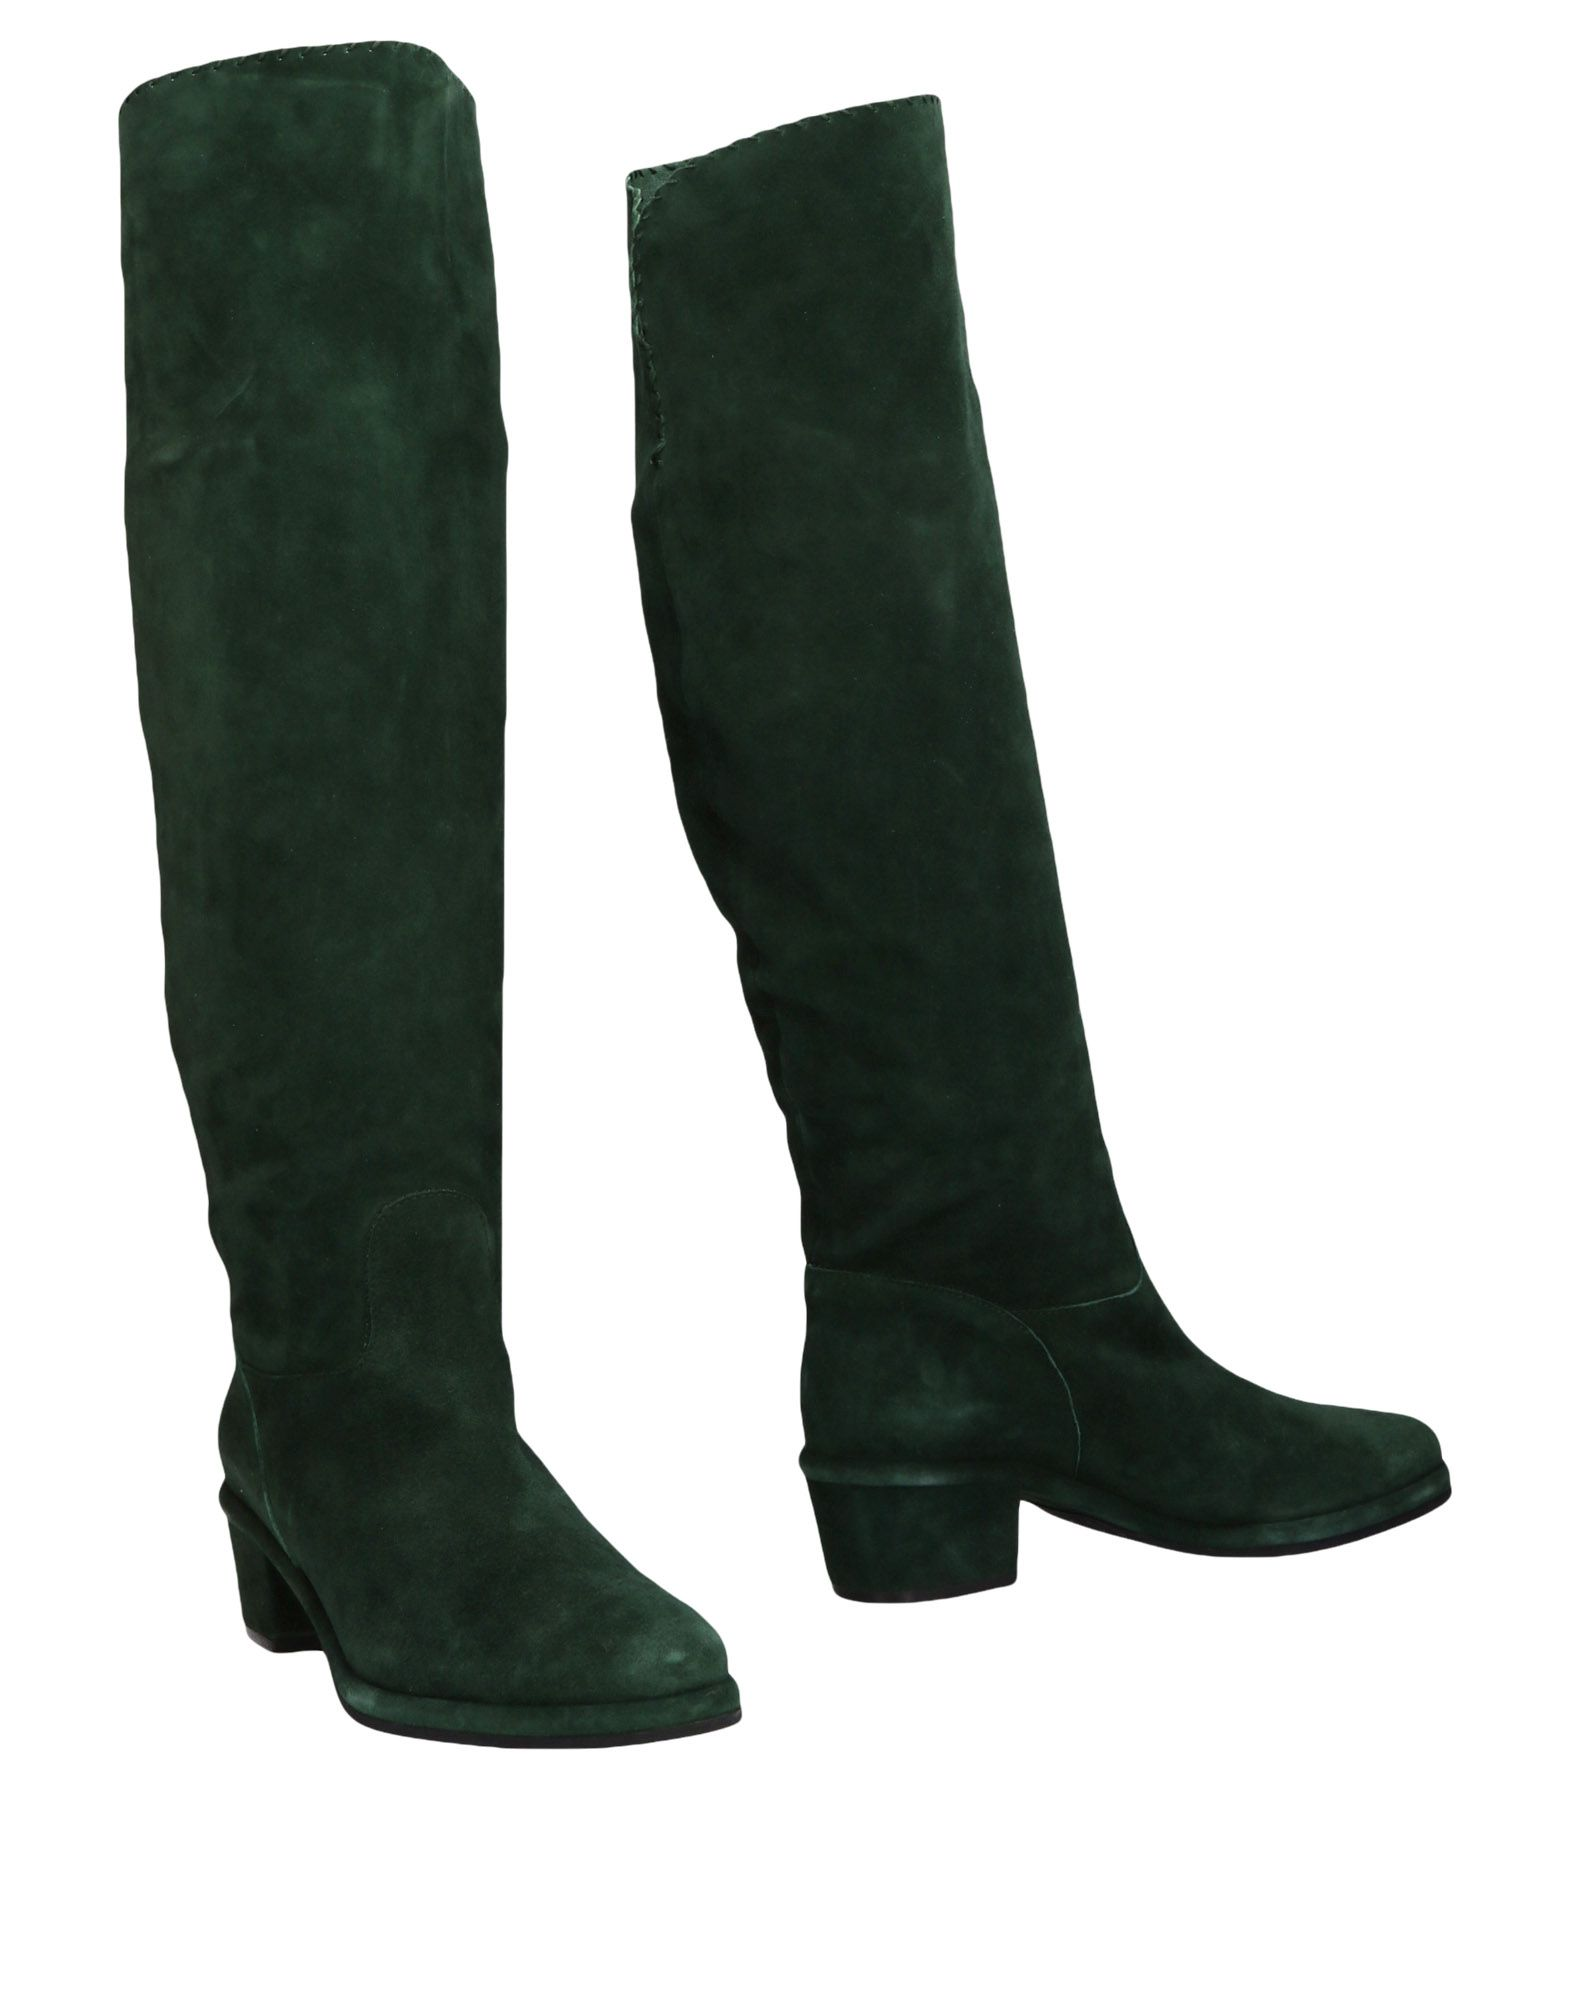 Billig-2729,Blugirl Preis-Leistungs-Verhältnis, Blumarine Stiefel Damen Gutes Preis-Leistungs-Verhältnis, Billig-2729,Blugirl es lohnt sich c2b3cf